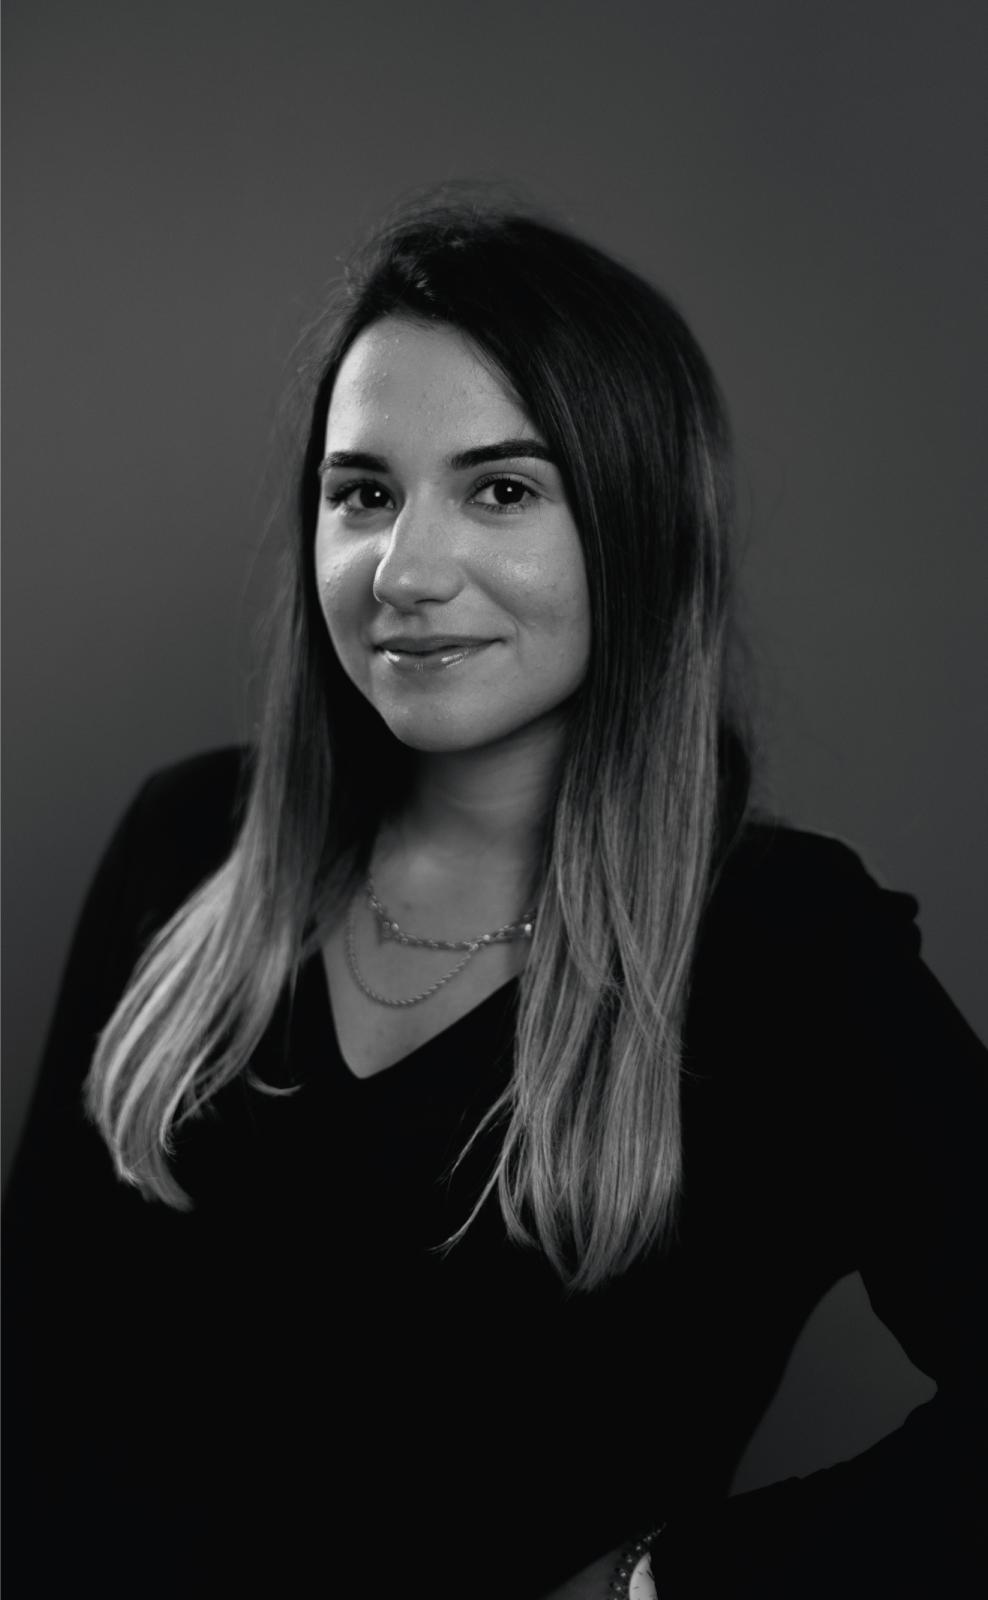 Joana Gomes